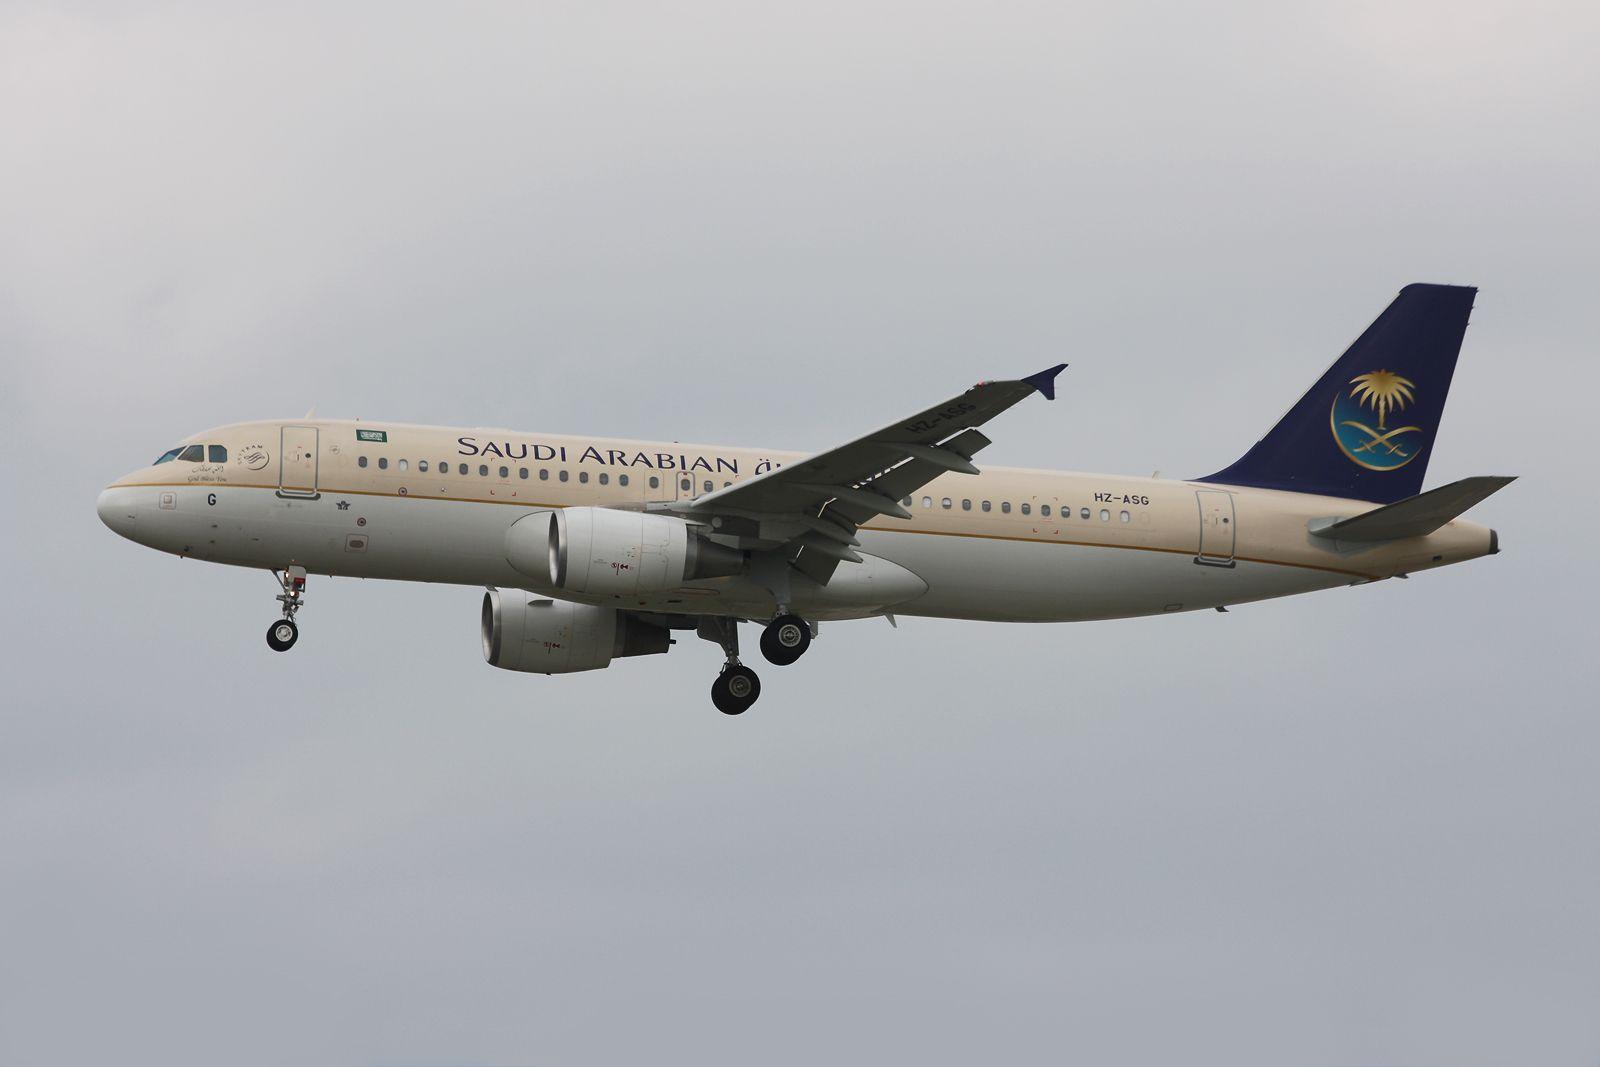 الخطوط السعودية Airline Booking Flight Offers Online Tickets